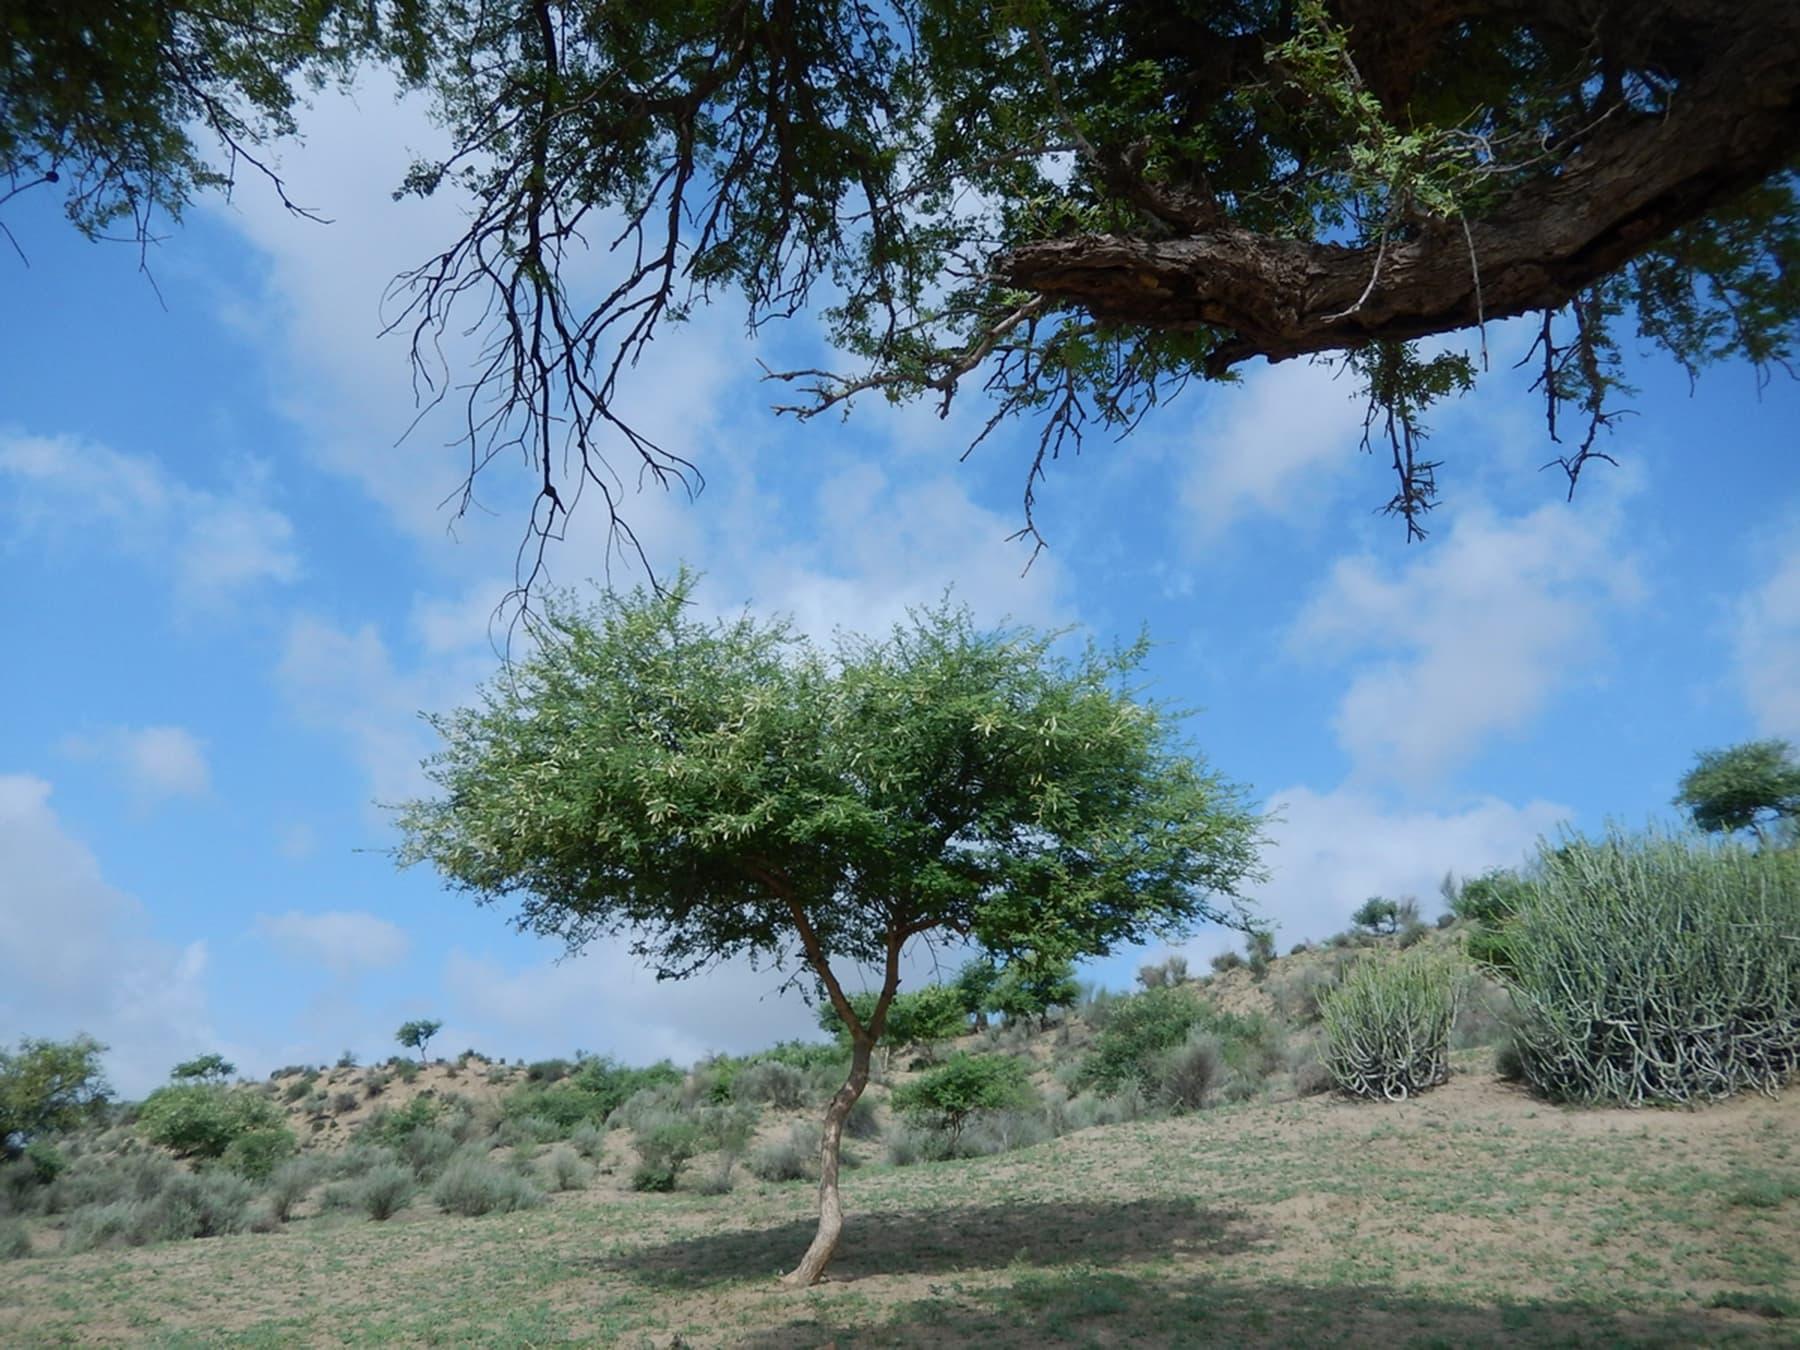 برکھا کے بعد تھر کا ایک نظارہ—تصویر ابوبکر شیخ